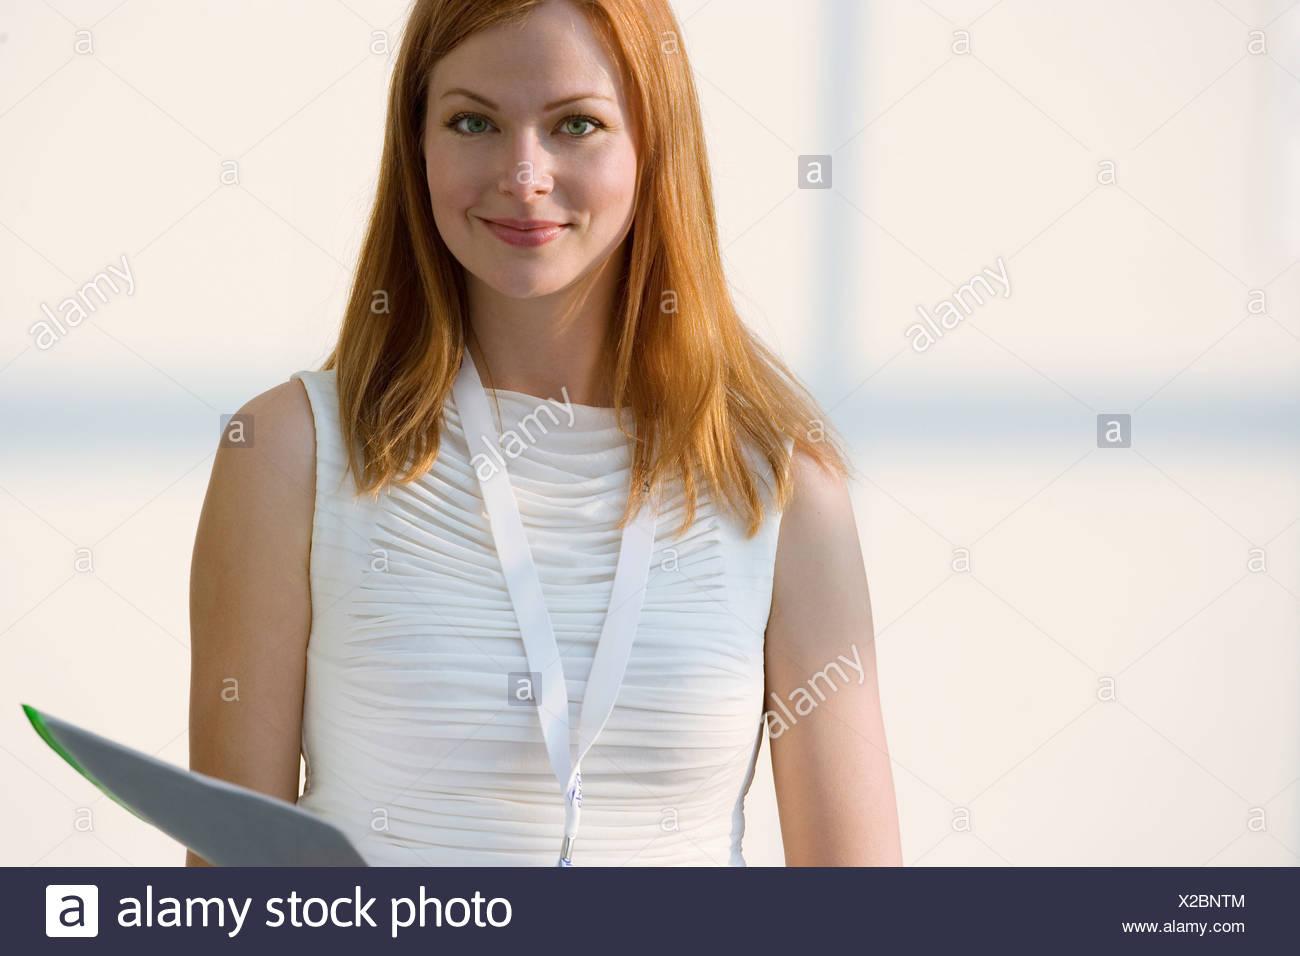 Mujer de blanco sin mangas celebración carpeta sonriente retrato vista frontal Imagen De Stock